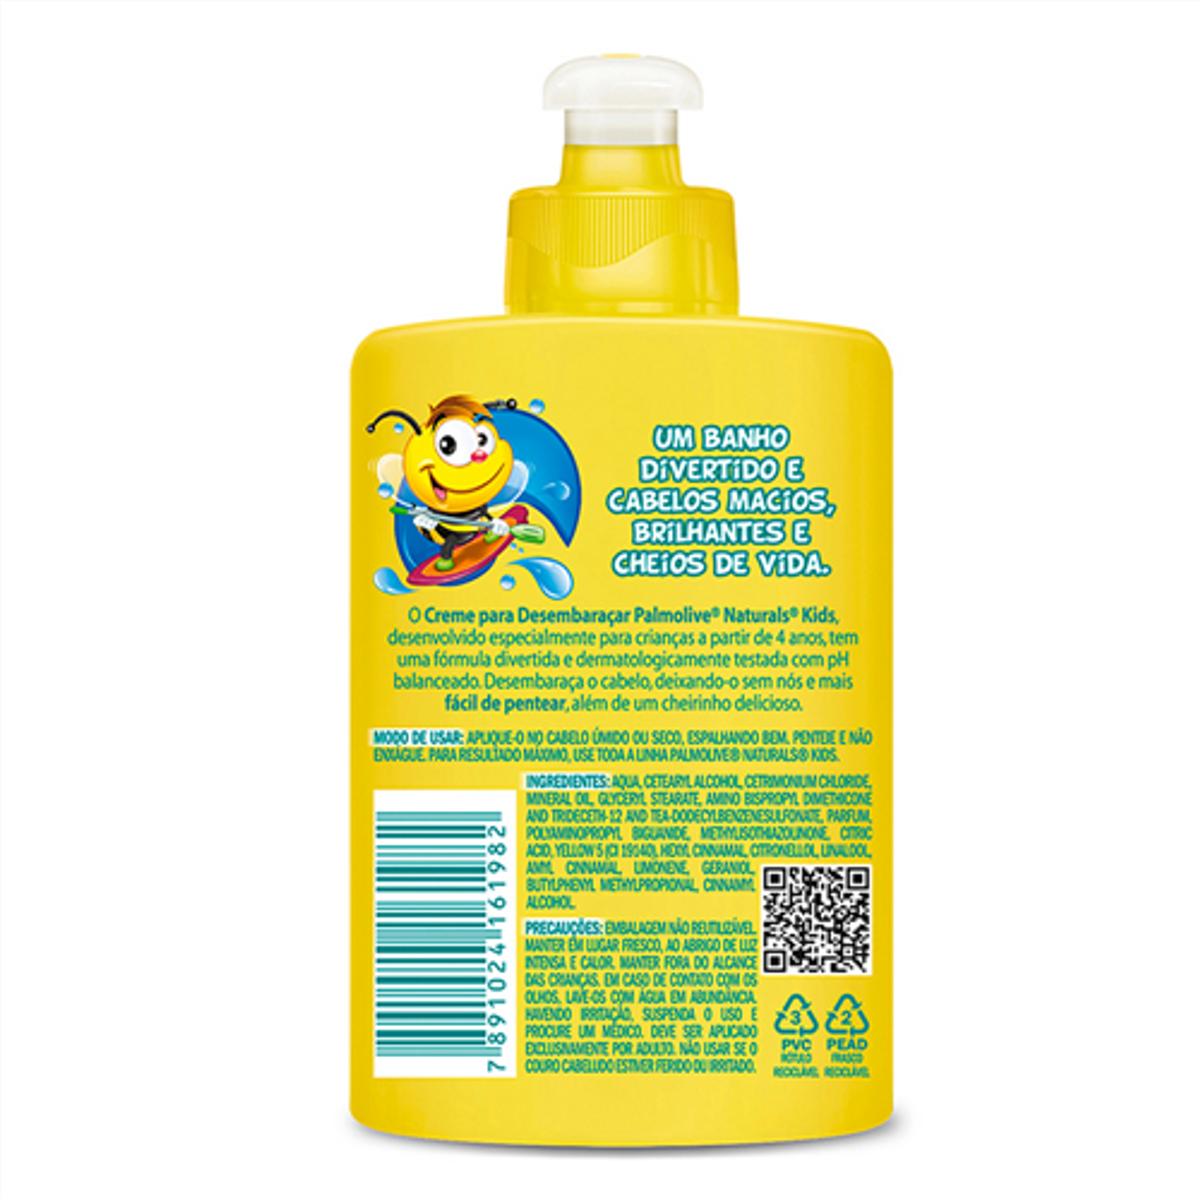 773b7cf7b Creme de Pentear Infantil PALMOLIVE Naturals Kids Todo Tipo de ...